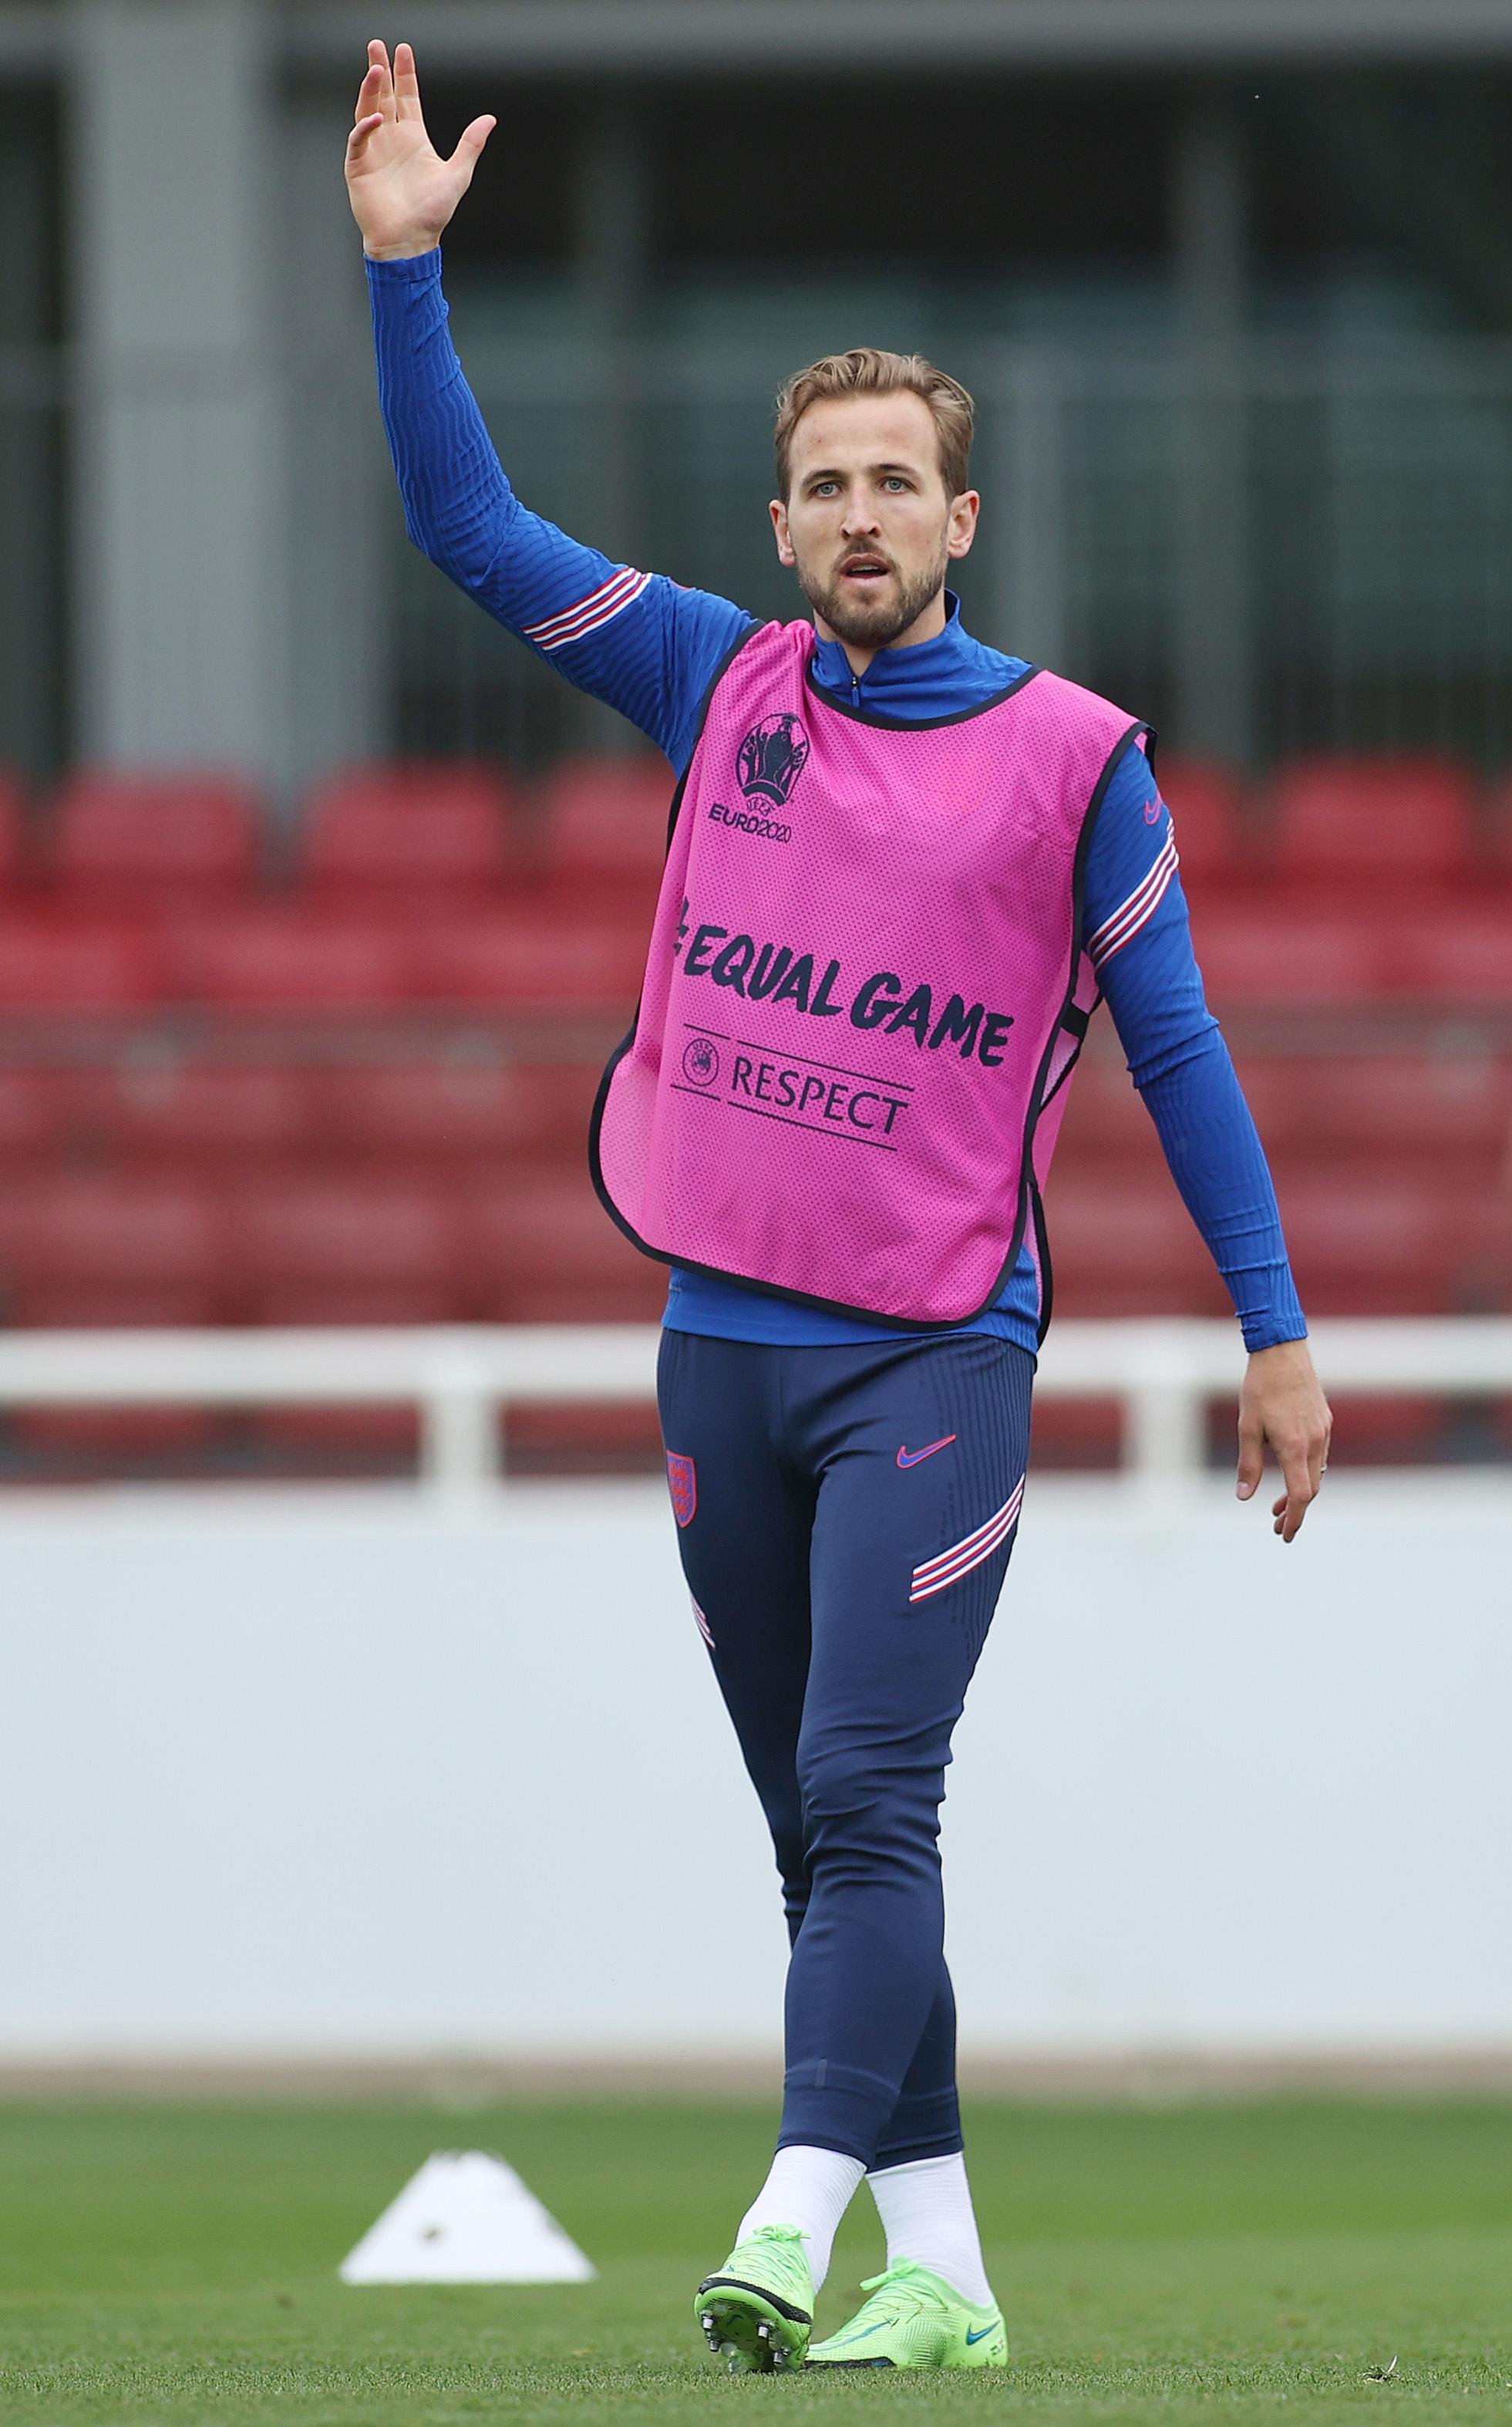 英格兰队长凯恩已经打开进球账户。